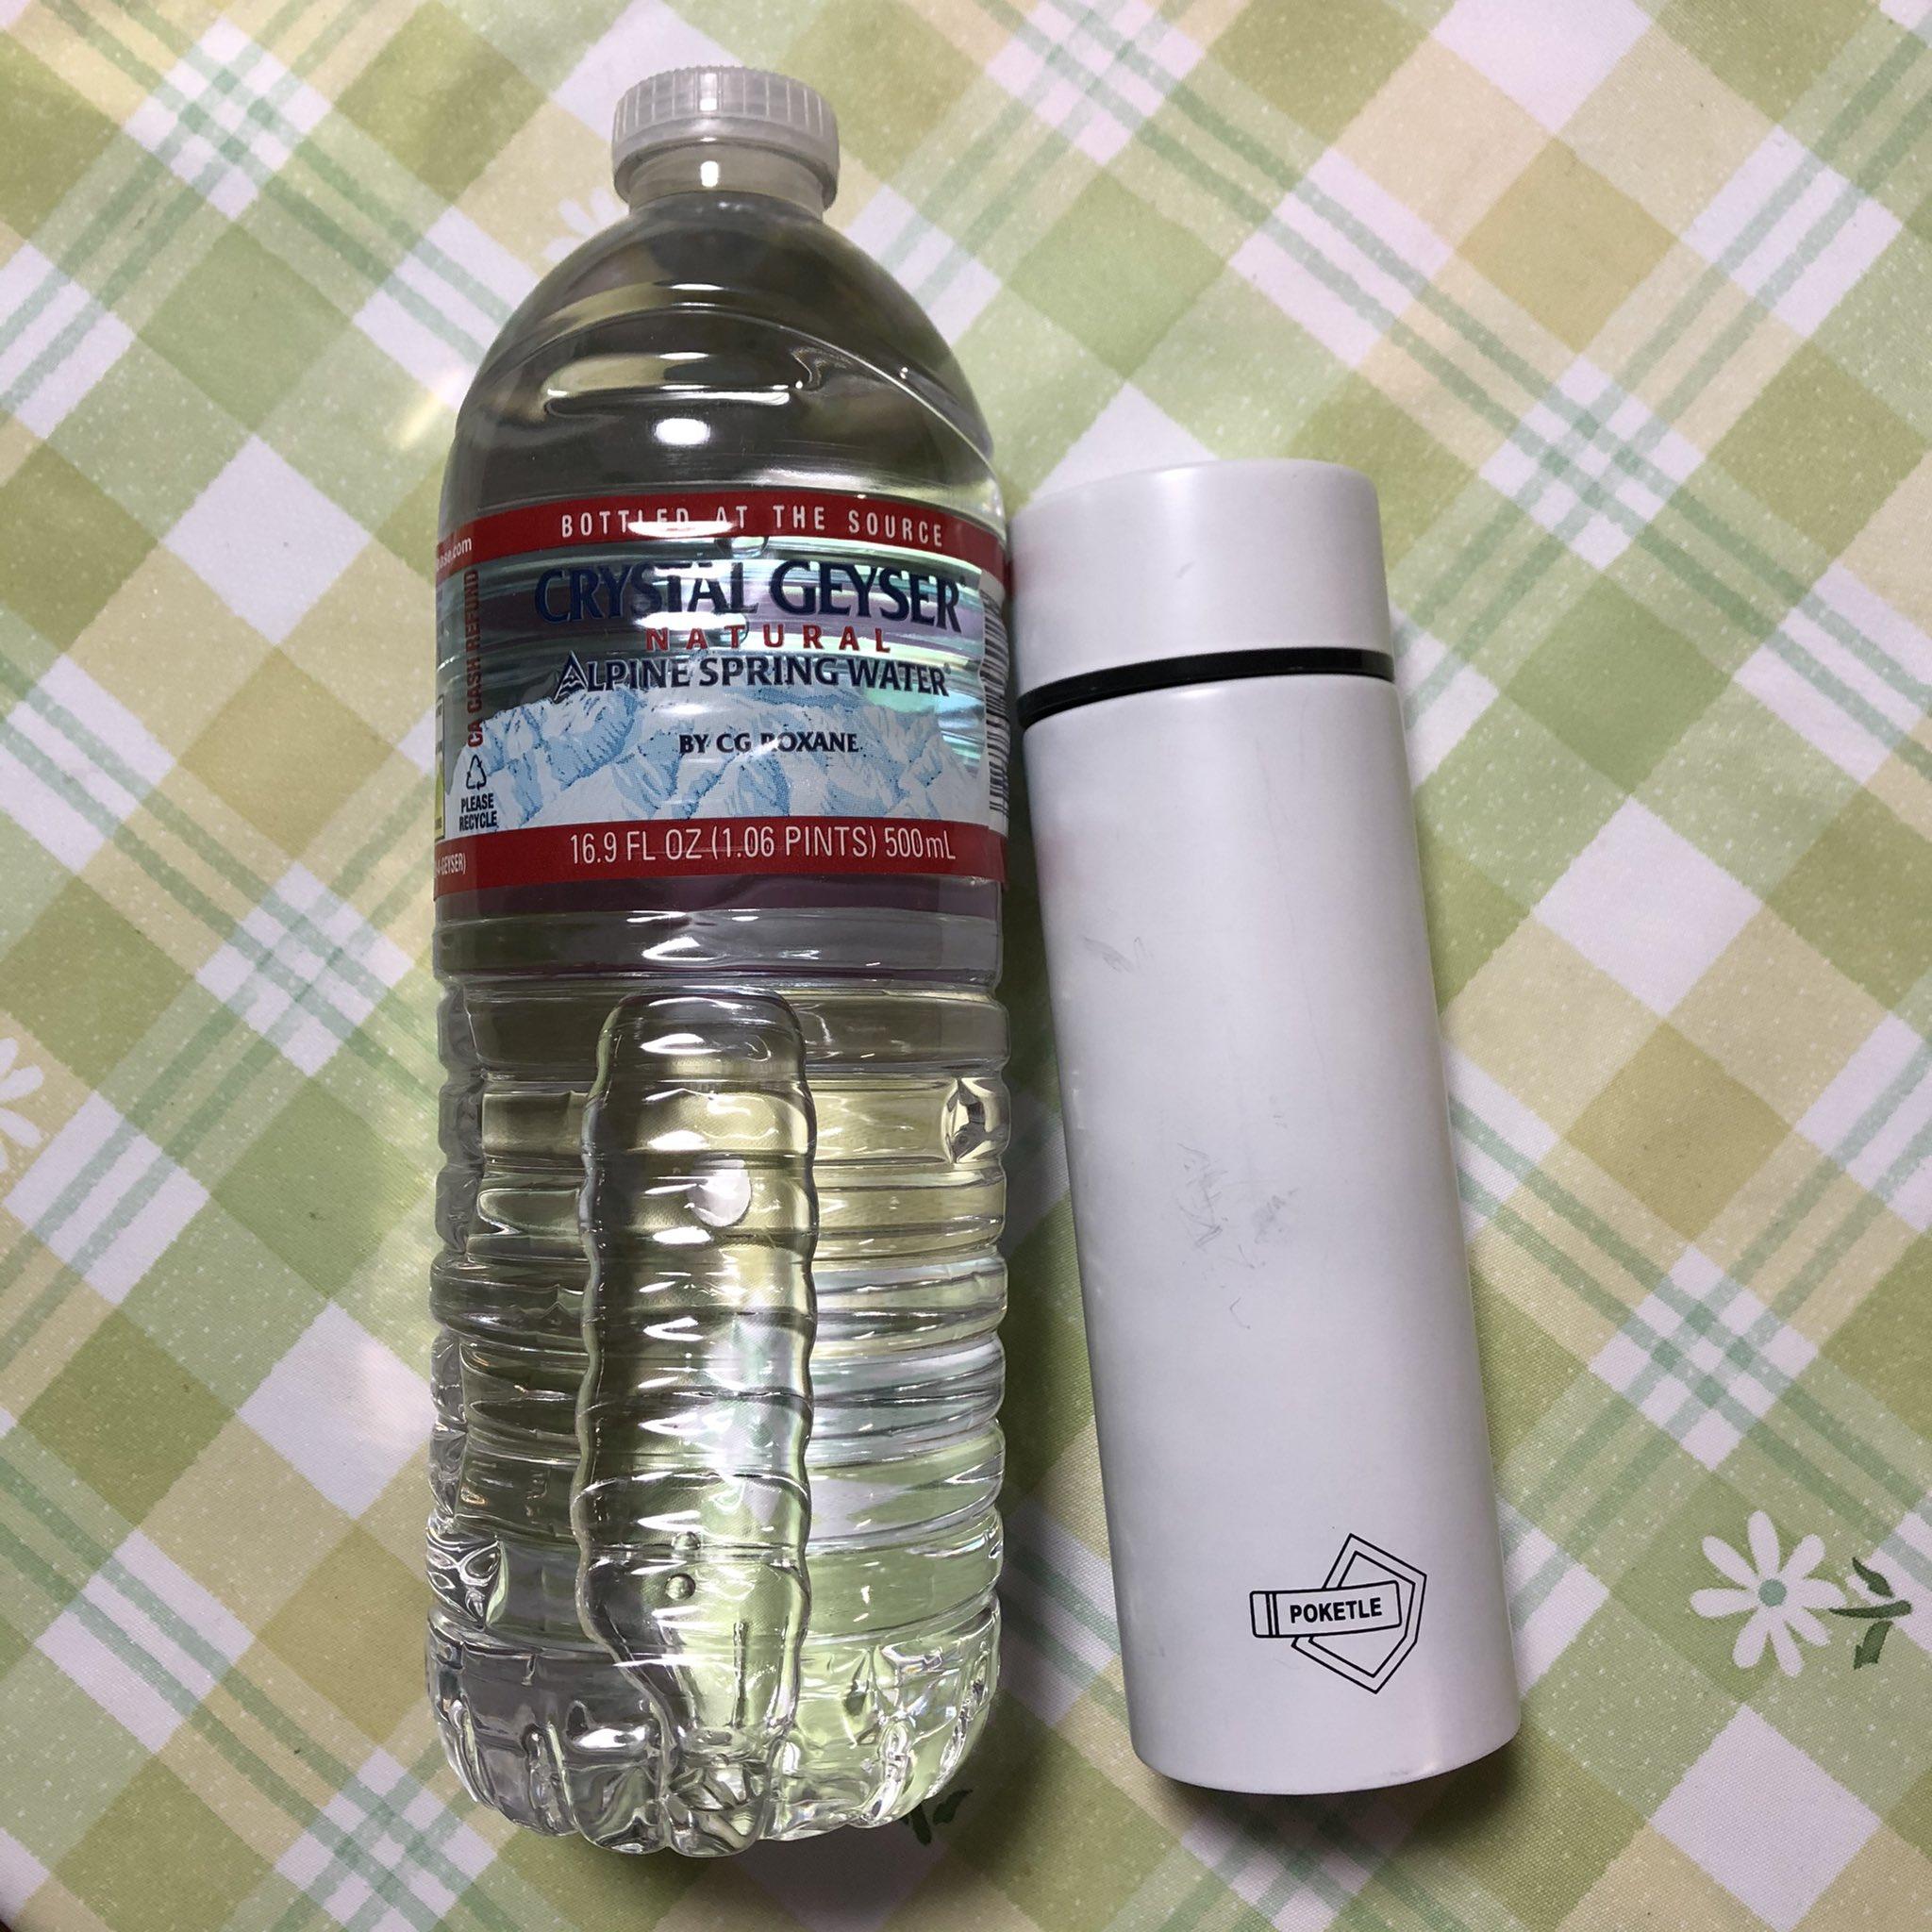 画像,おはゆうです。超ミニ水筒。ポケトルと言うのか(*゚0゚)流行ってるんだね。知らなかったけど、便利サイズで愛用中でした💕旦那さんが、これくらいしか入らないんじゃ、…